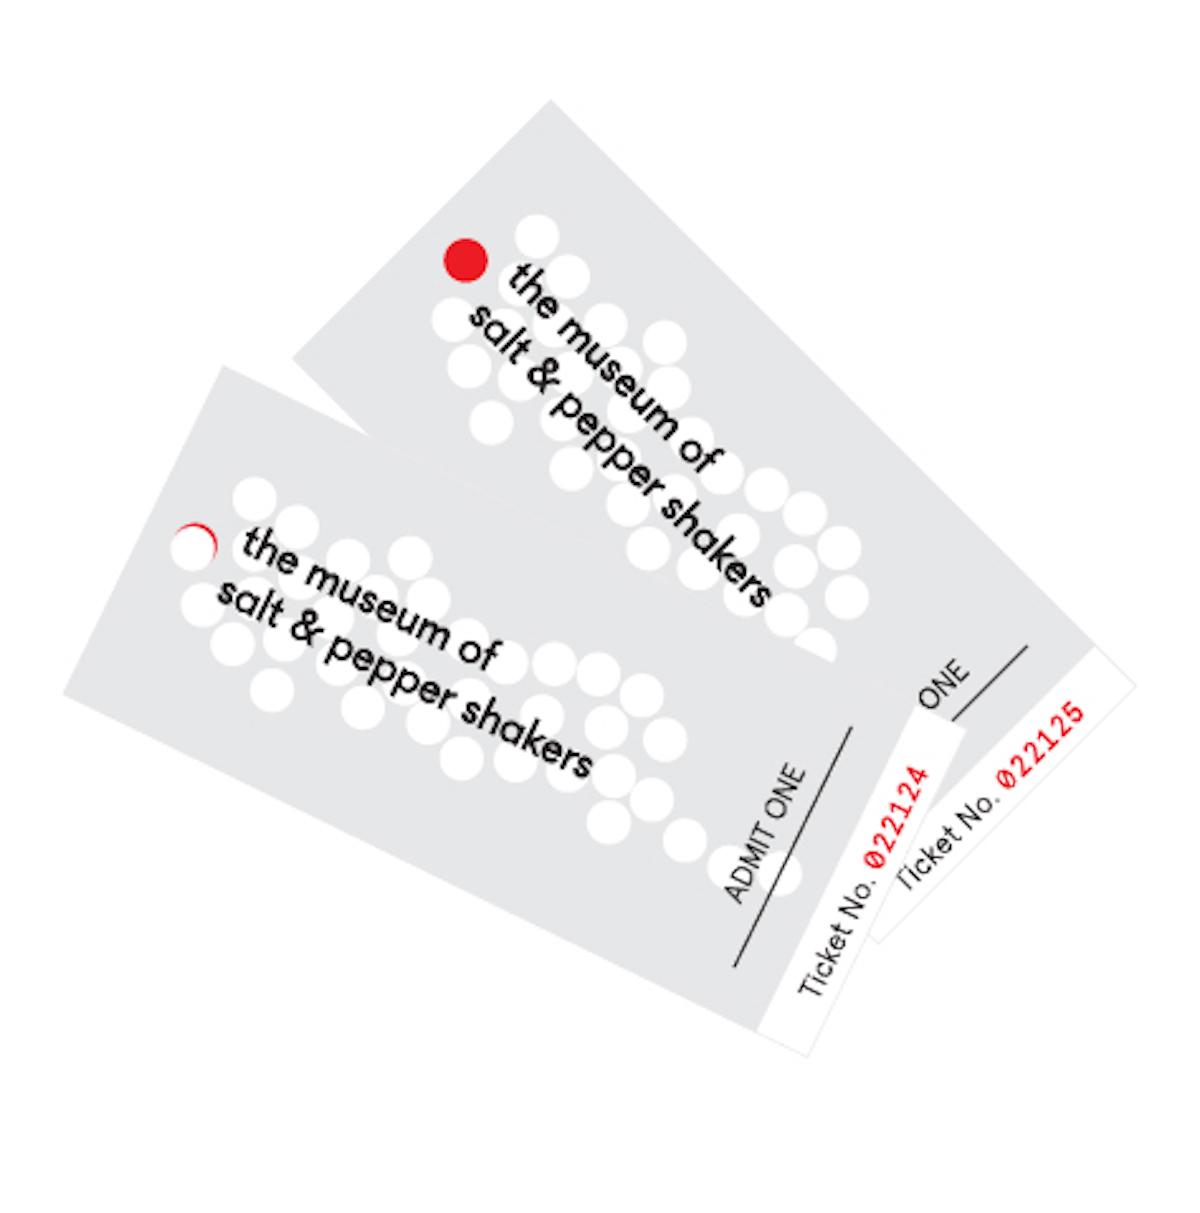 SP_tickets.jpg